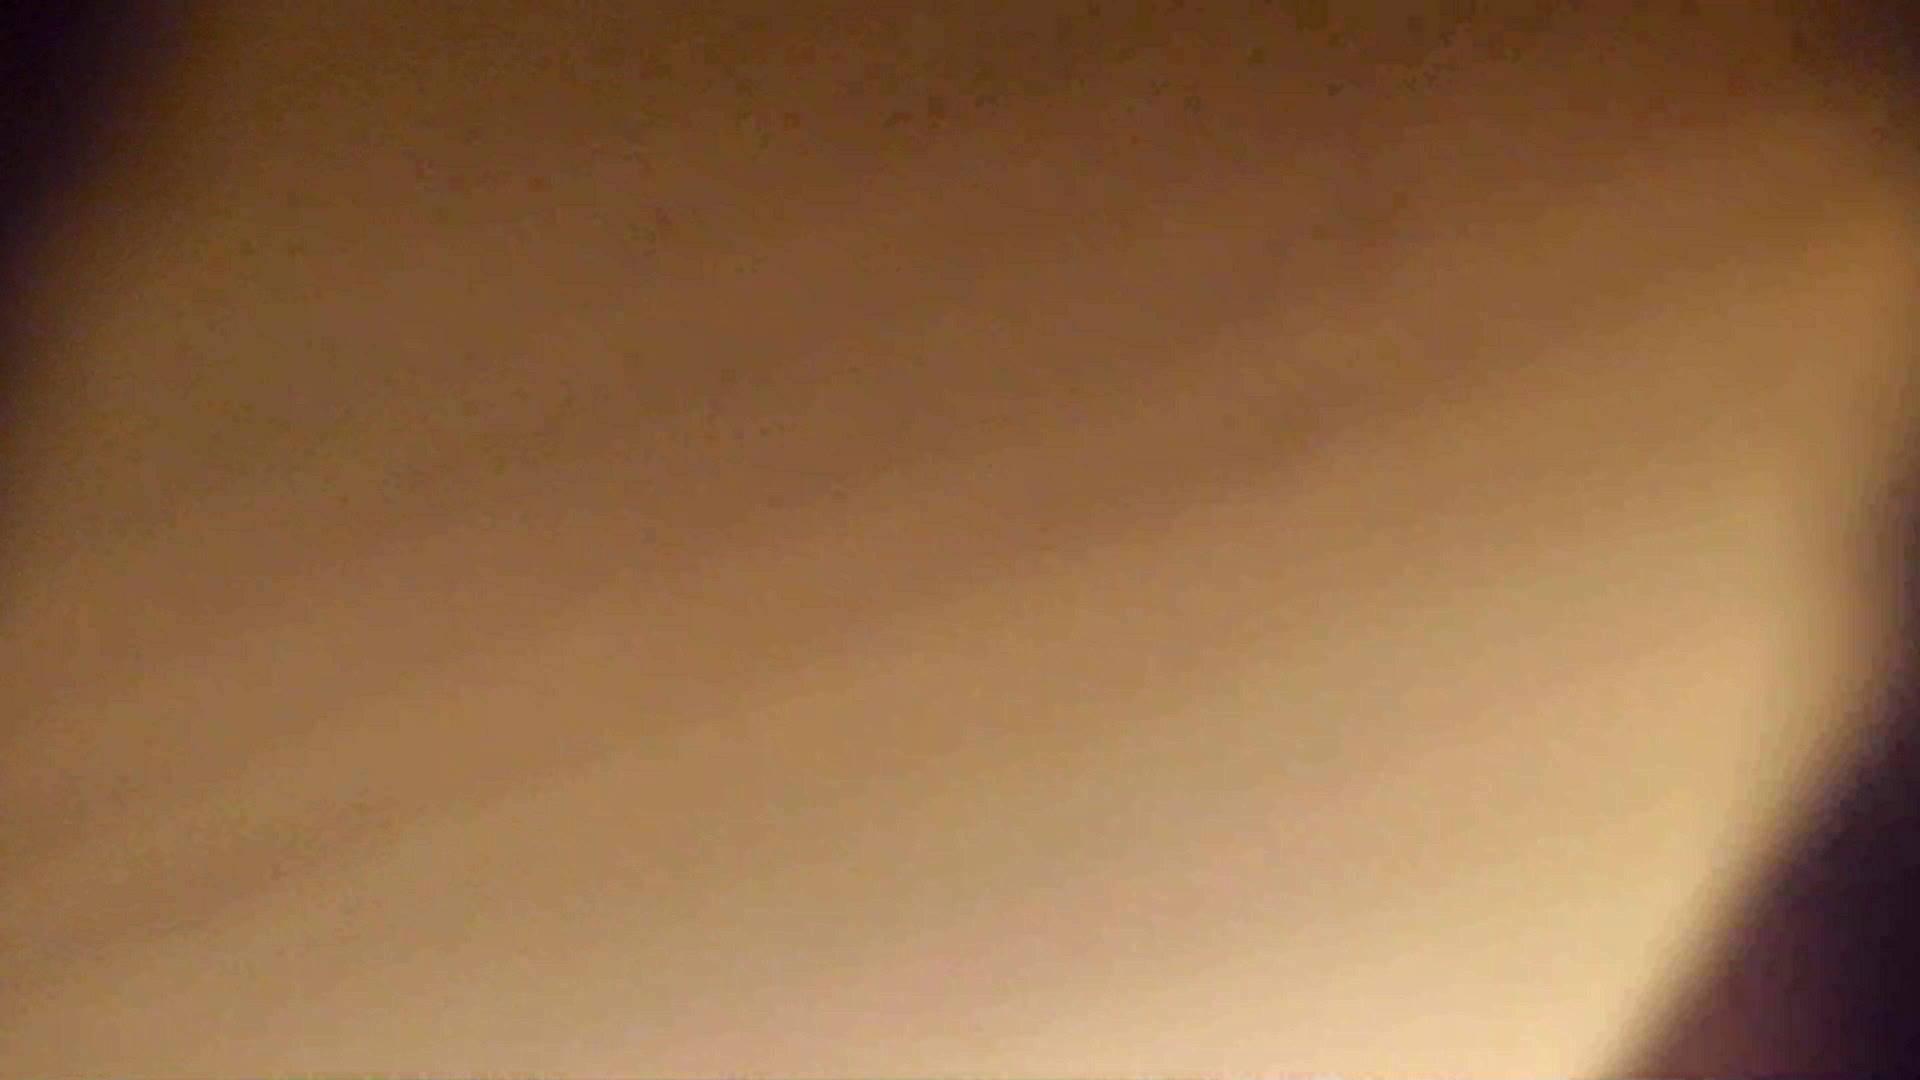 阿国ちゃんの「和式洋式七変化」No.8 和式   洗面所  53PIX 19